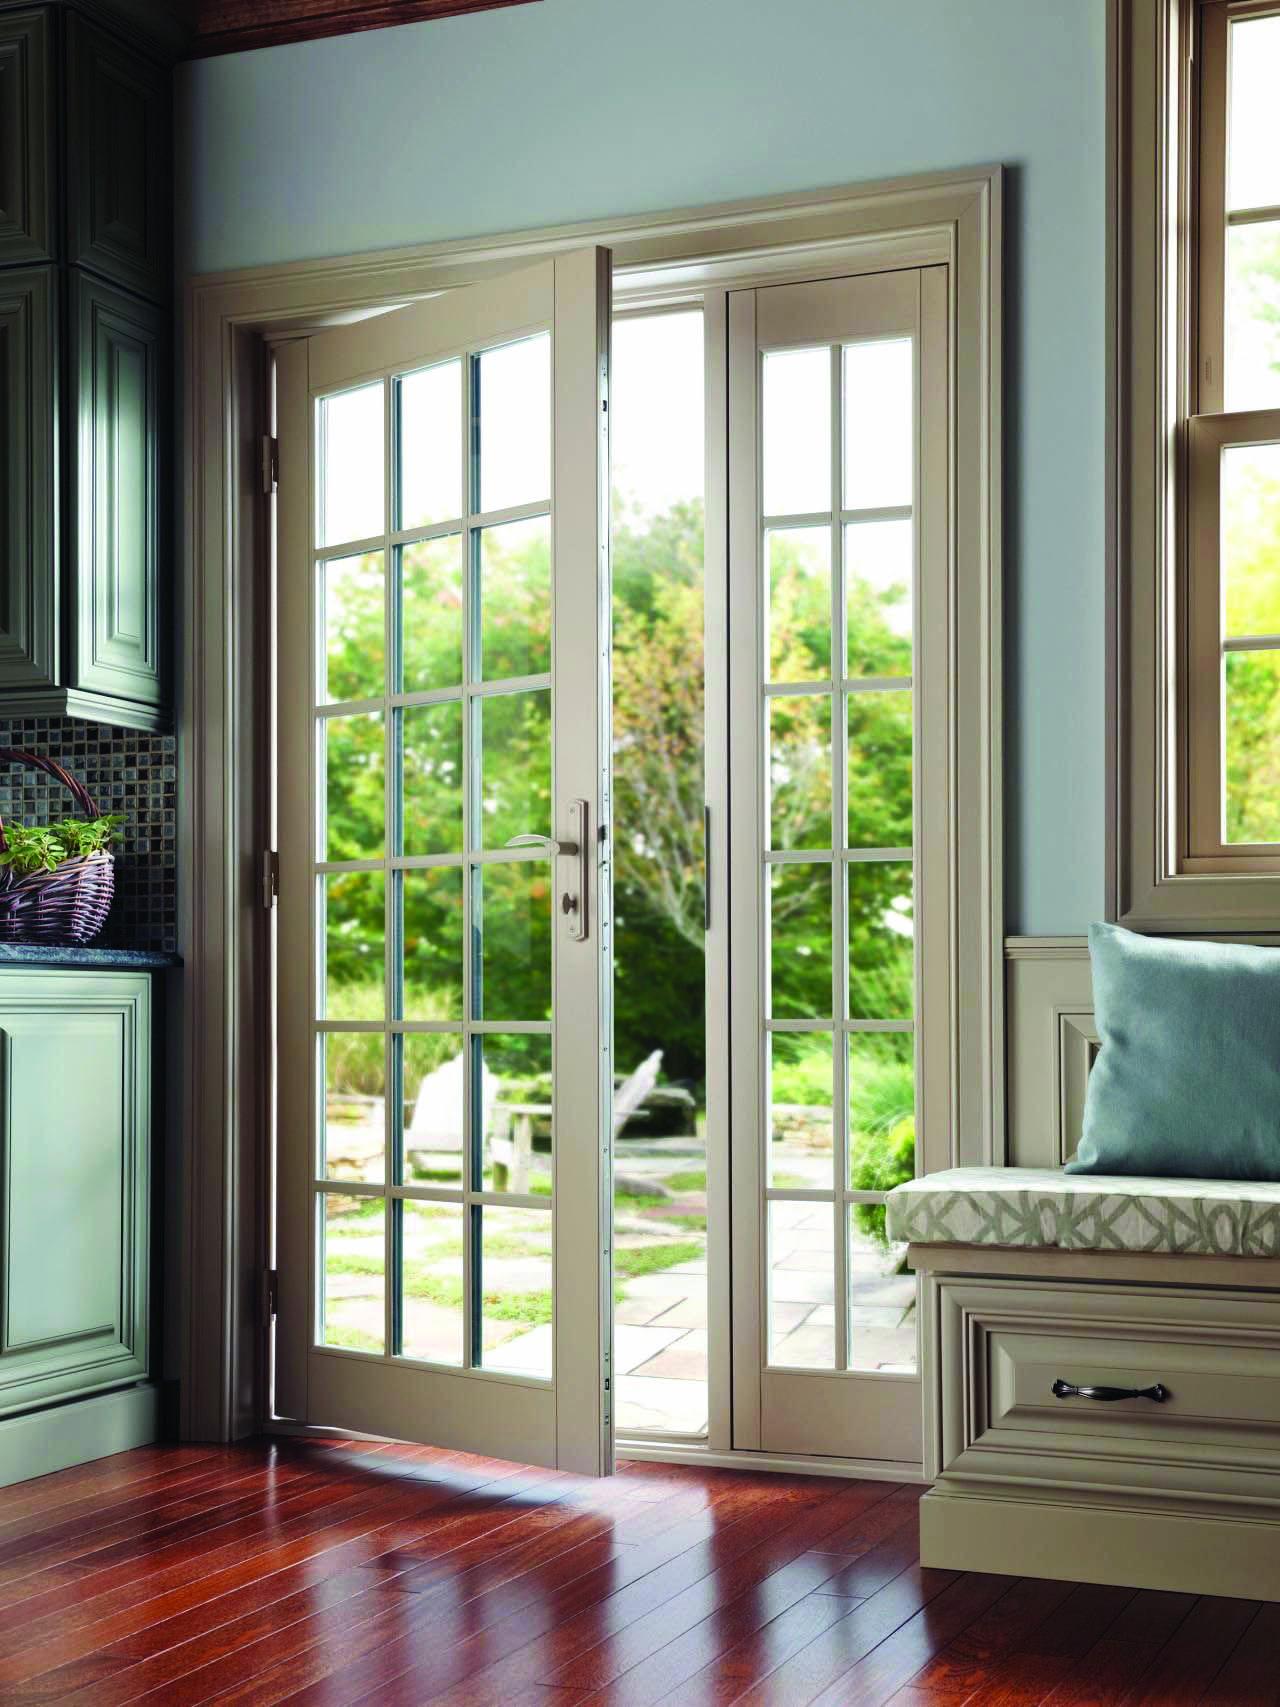 Moving Door Styles For Bedroom French Doors Exterior French Doors Patio Single Patio Door